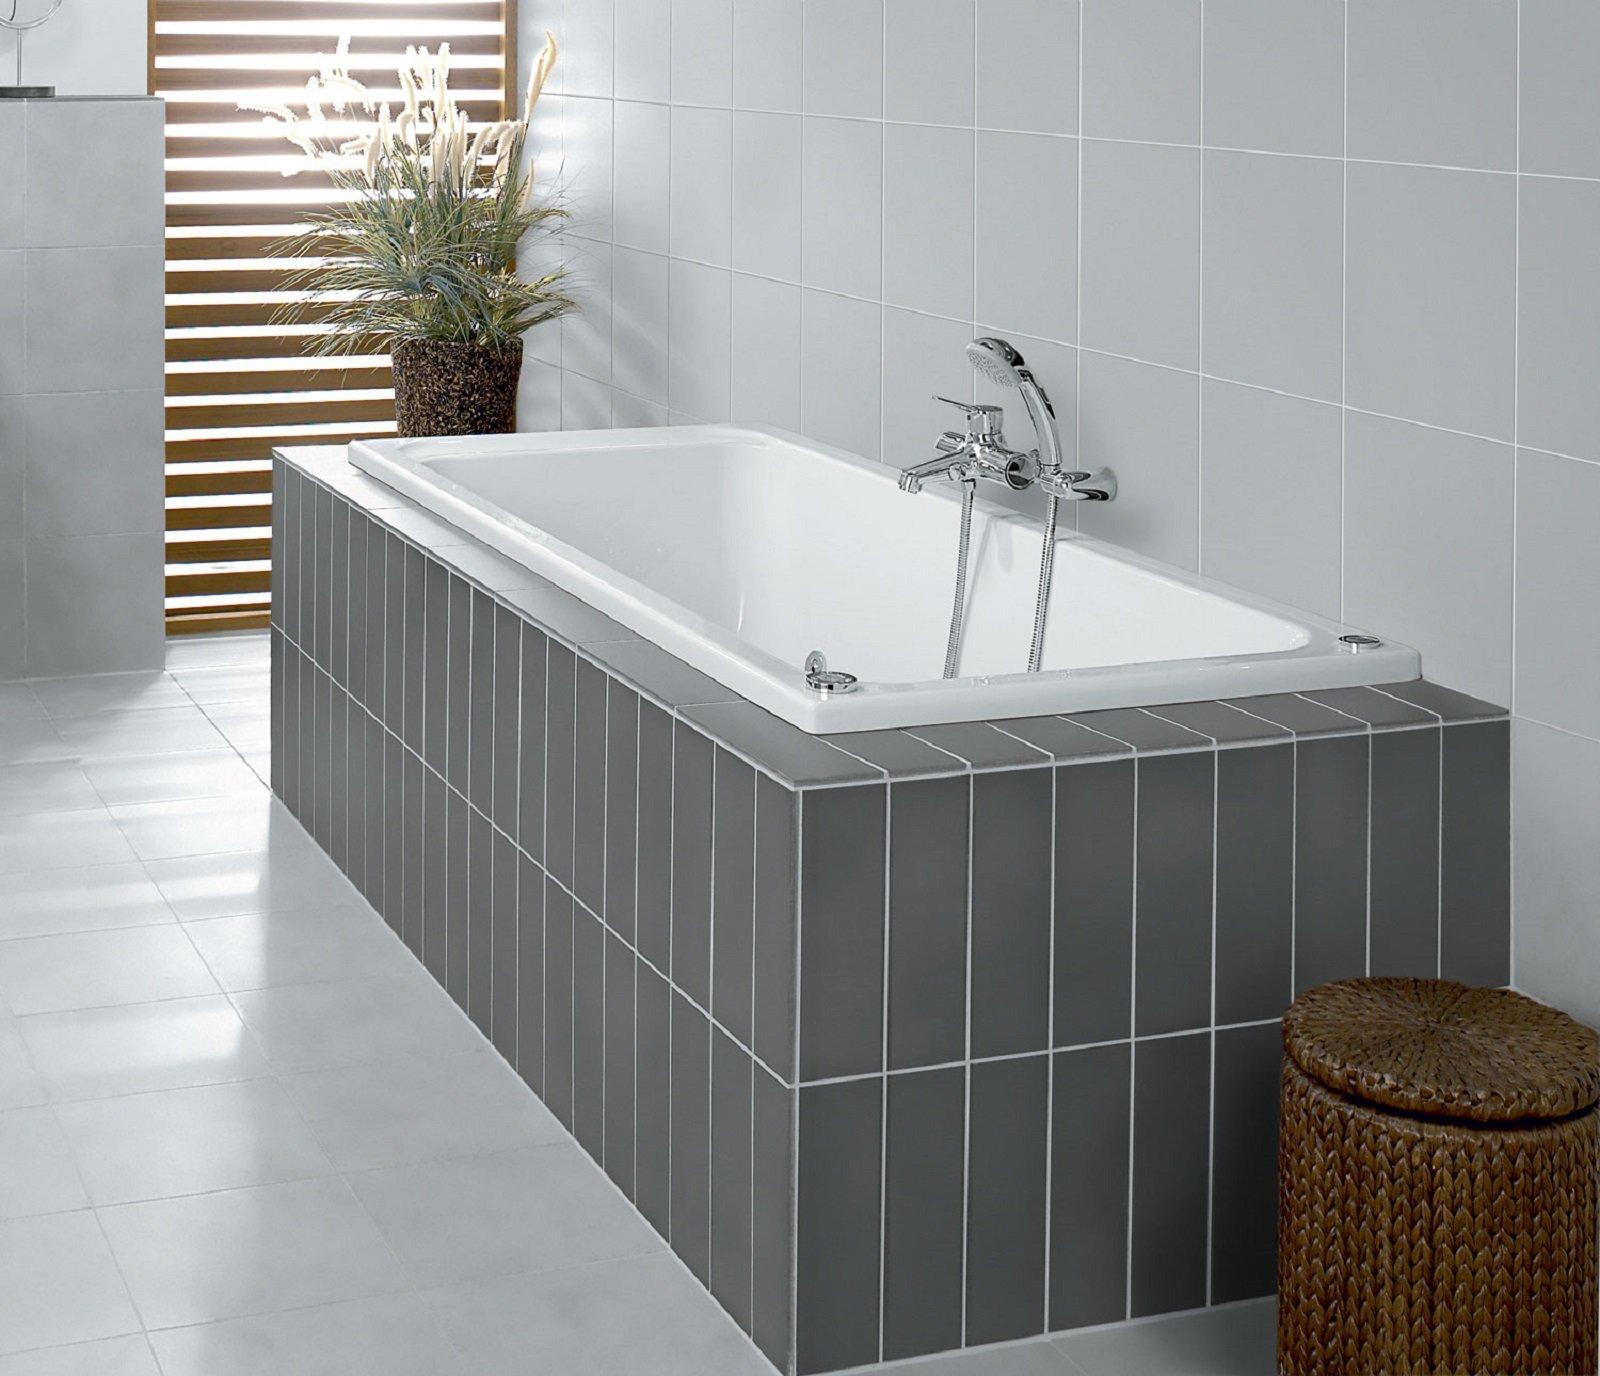 Vasche piccole dimensioni dz73 regardsdefemmes - Vasche da bagno sovrapposte prezzi ...